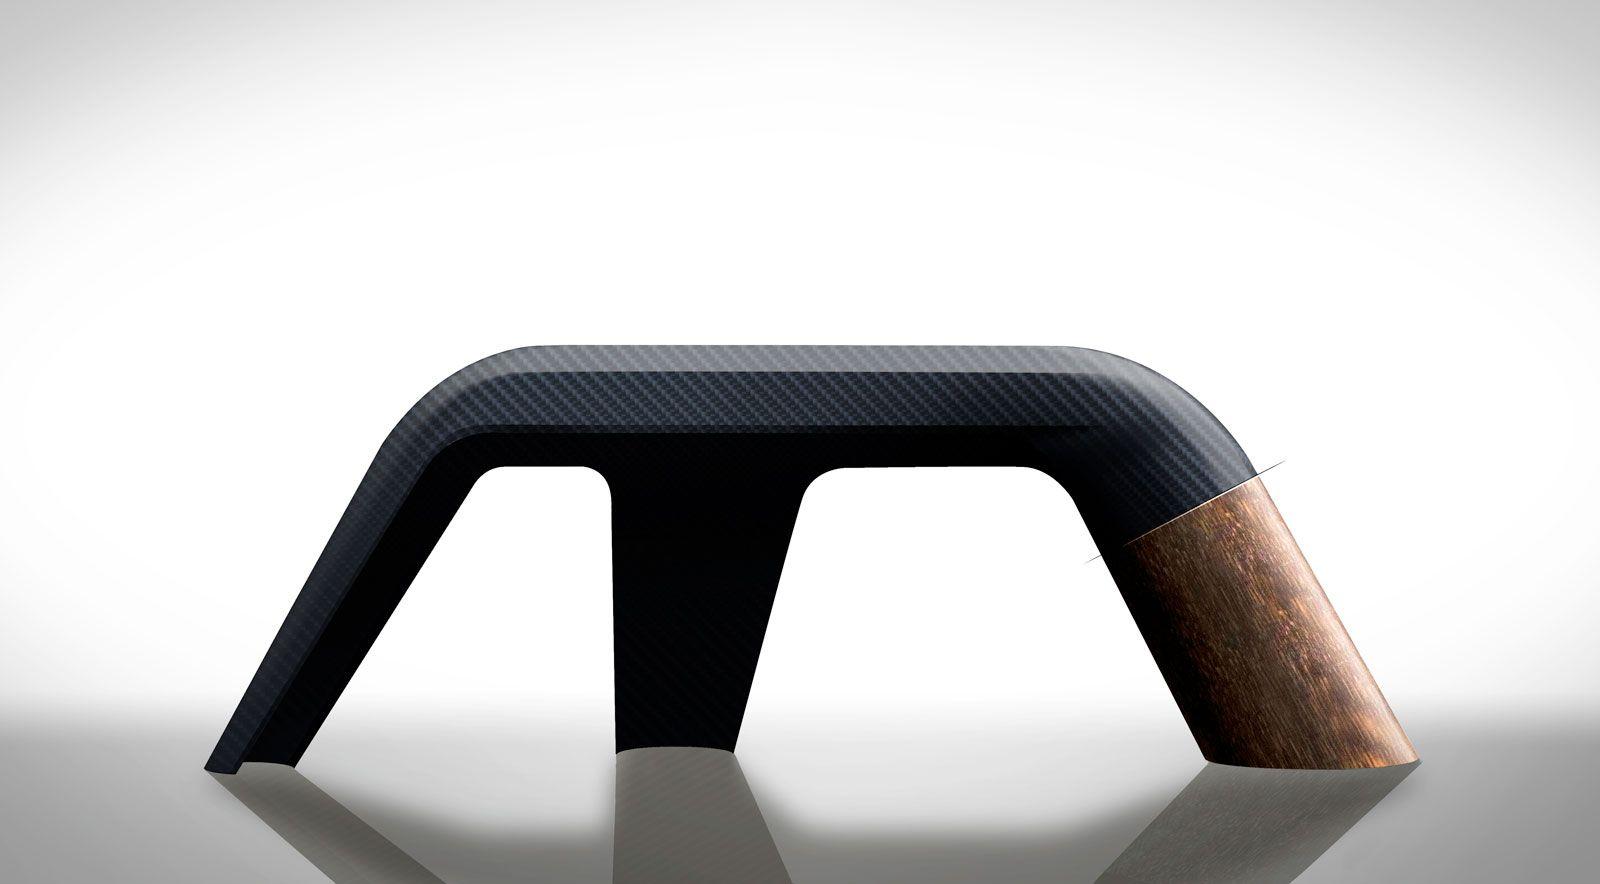 Peugeot Design Lab Onyx Furniture Design 01 (